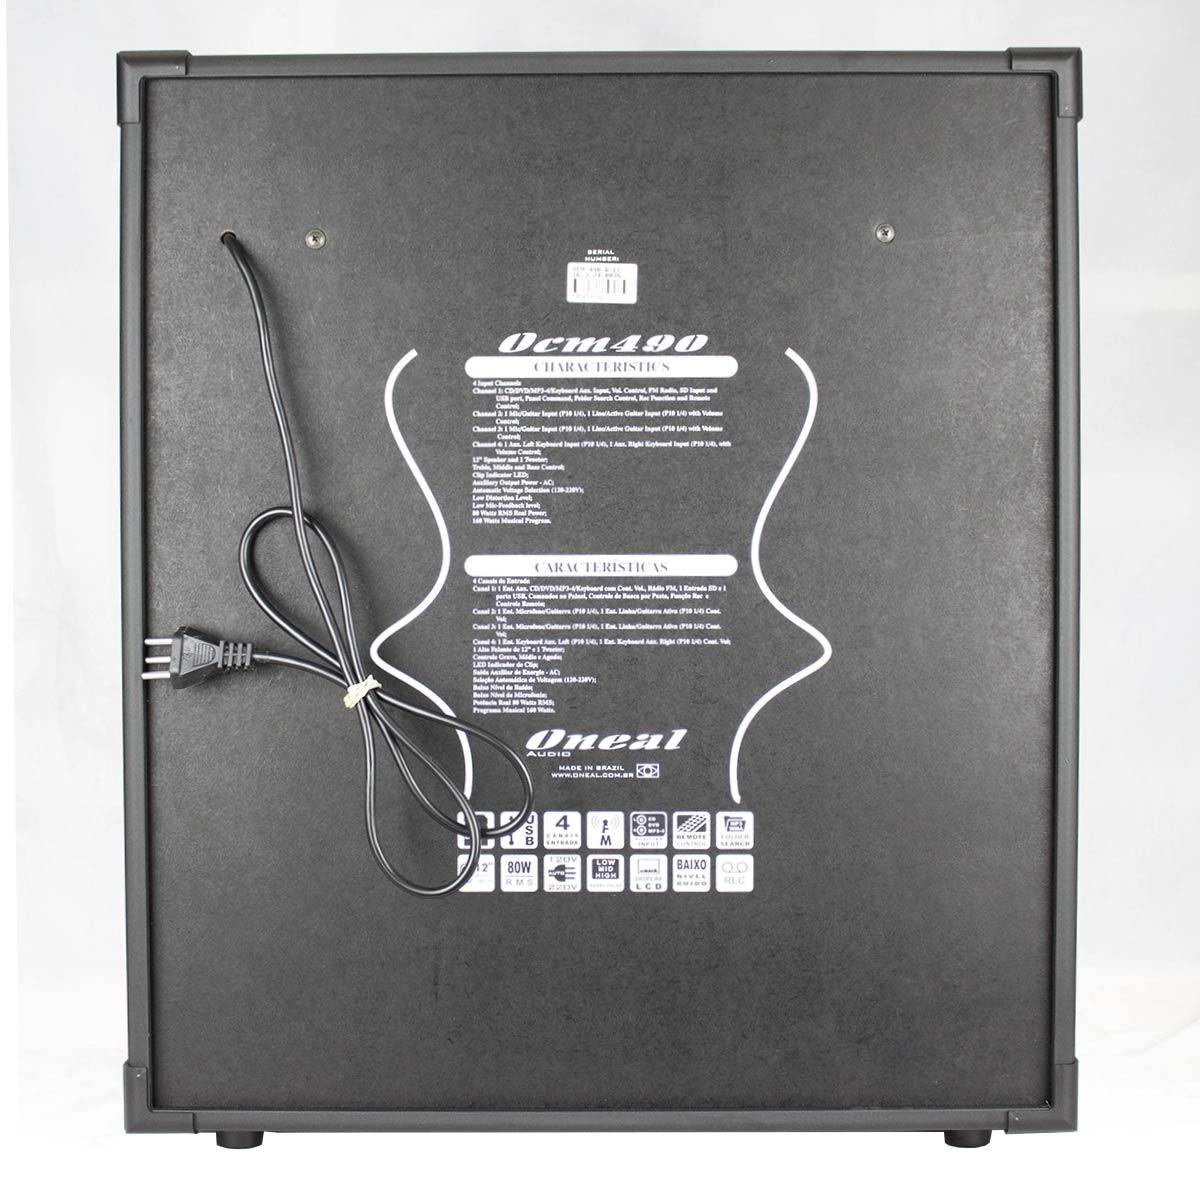 Cubo Multiuso Fal 12 Pol 80W c/ USB - OCM490 Oneal